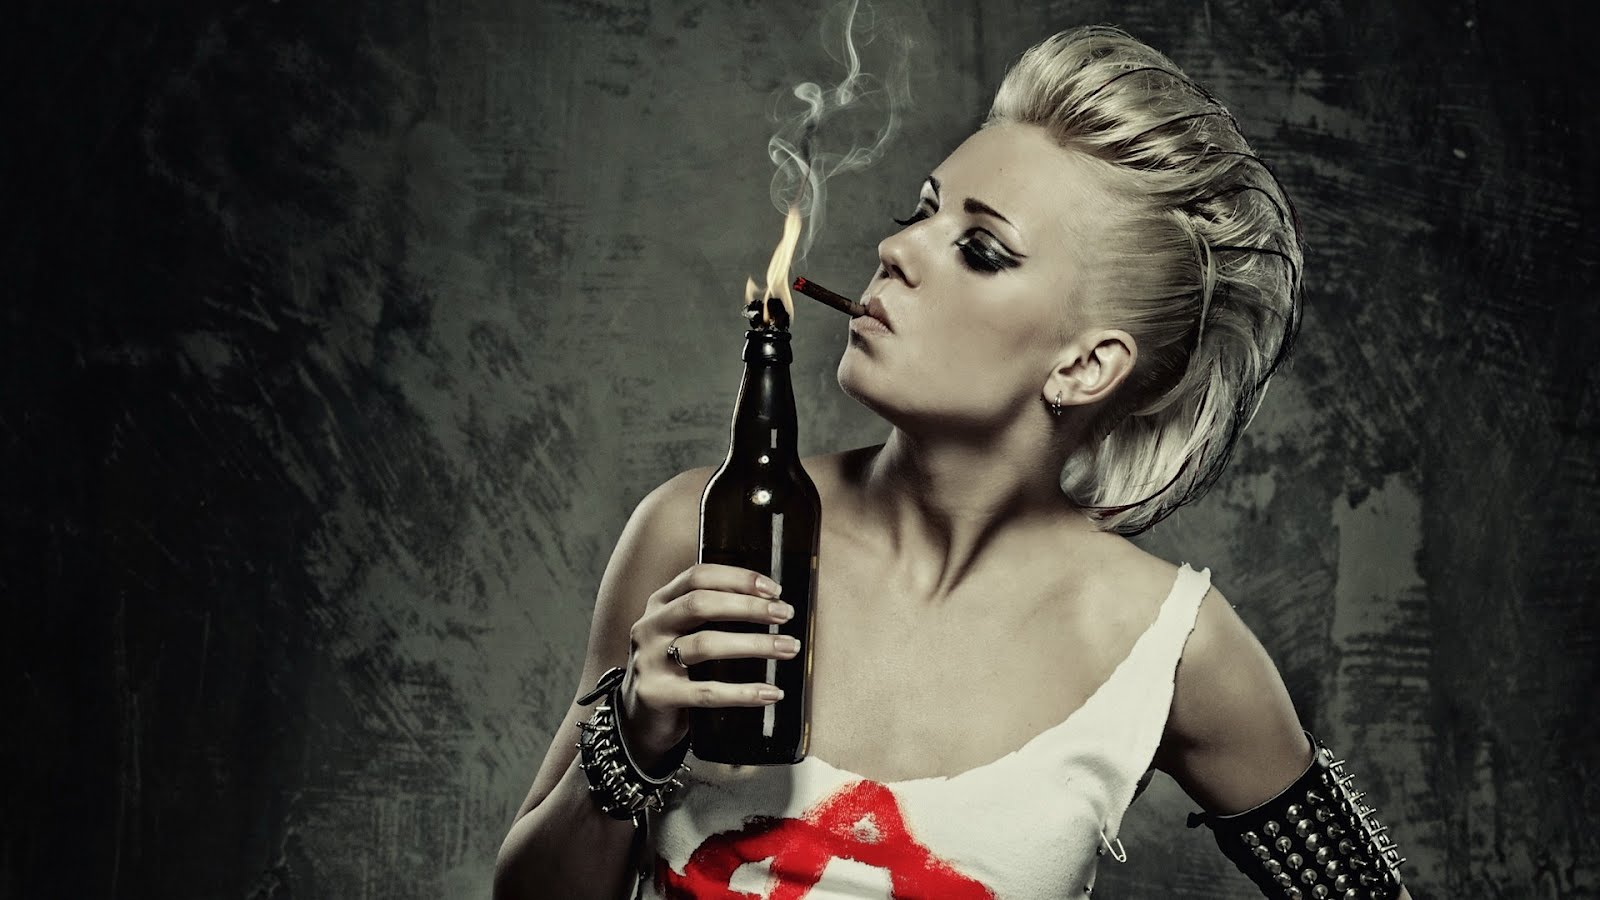 Пънк момиче си пали цигара от огнения коктейл, HD Wallpaper